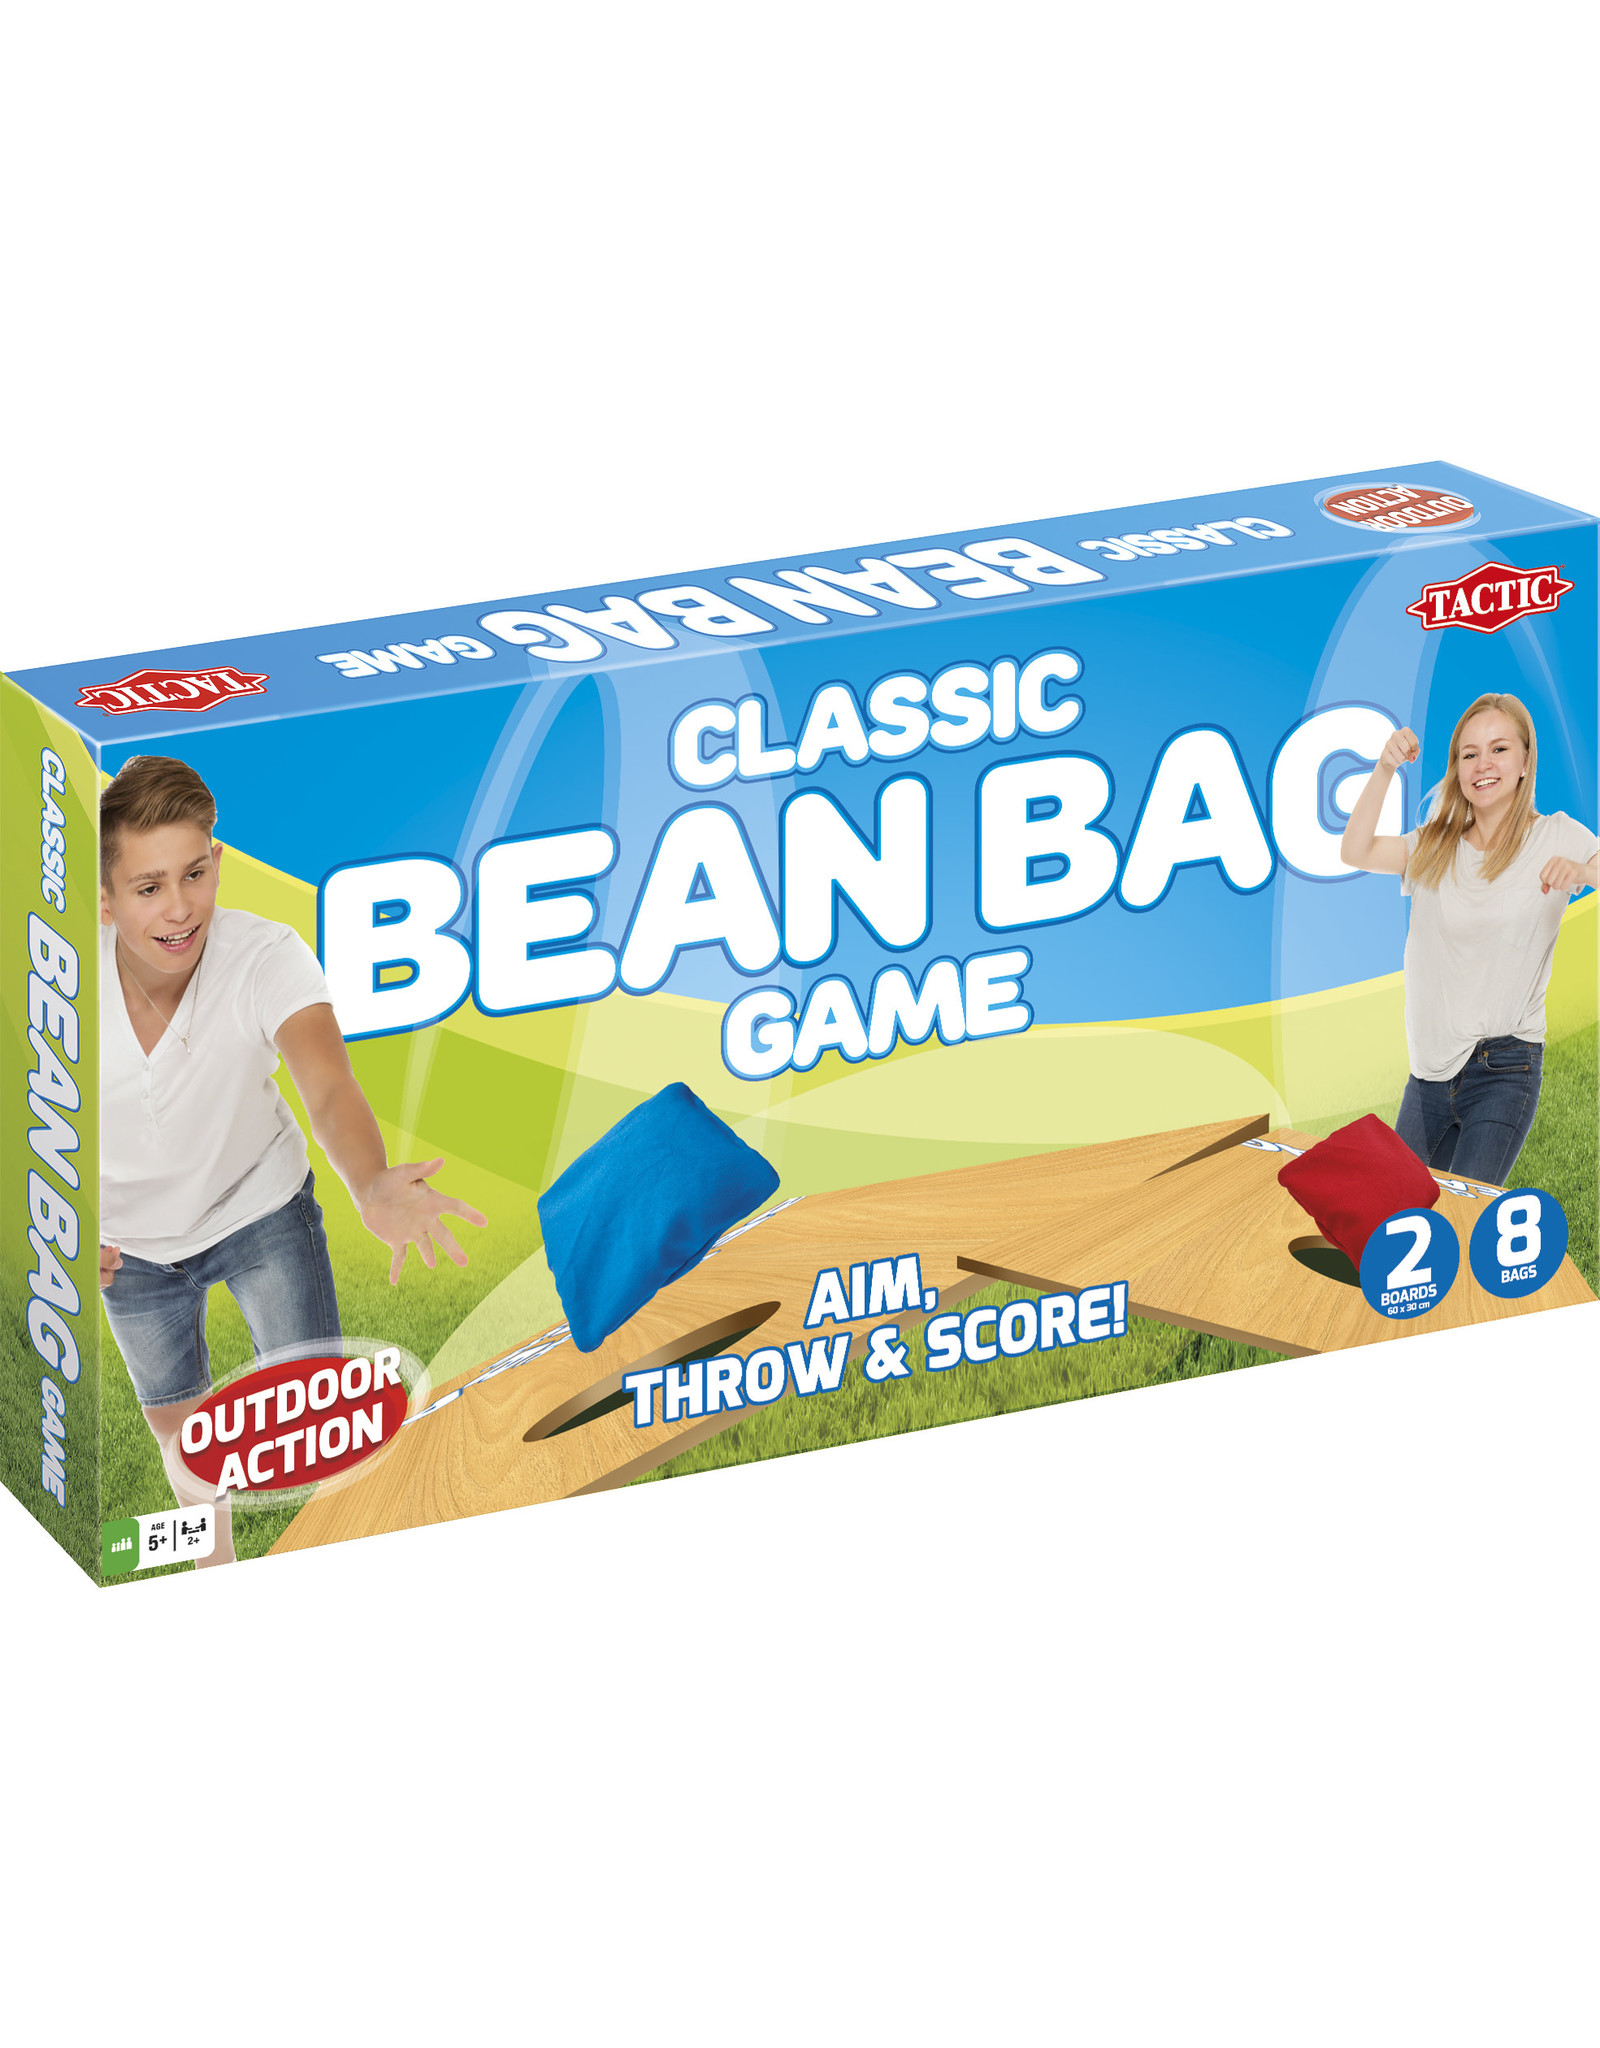 Tactic Classic Bean Bag Game